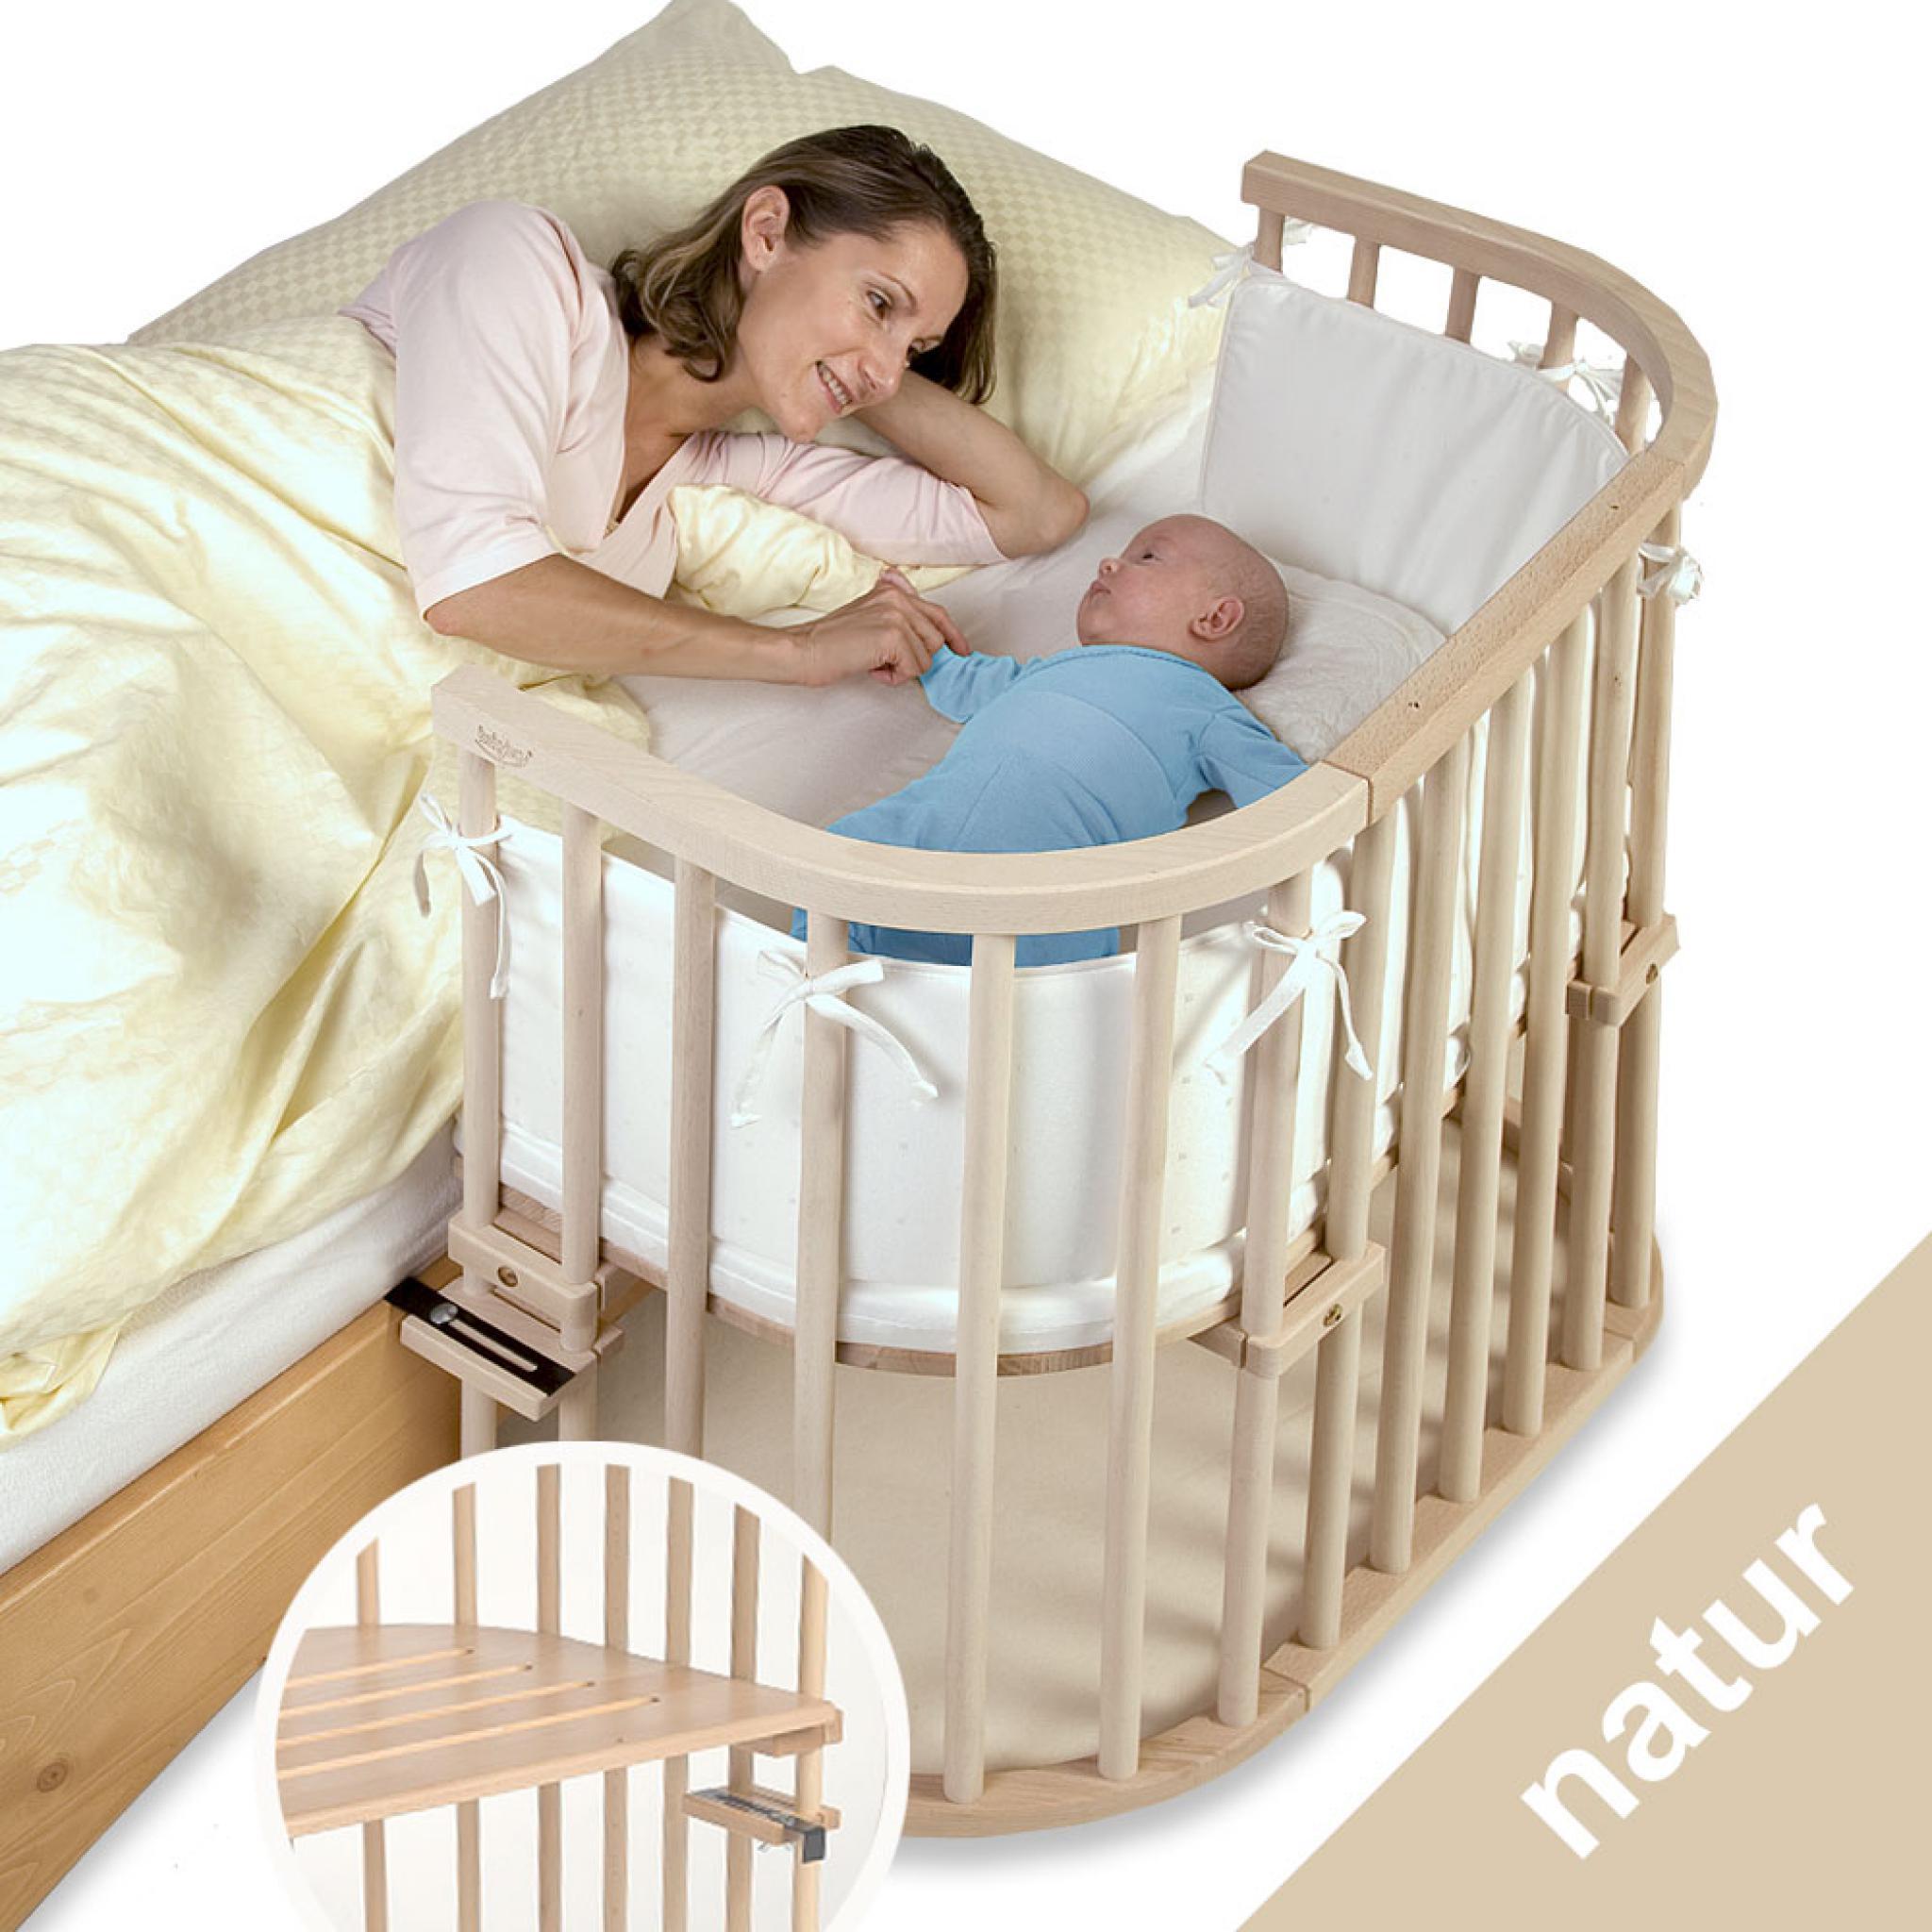 Как выбрать кроватку для новорождённого, какую лучше взять: мнения врачей и отзывы родителей + фото и видео